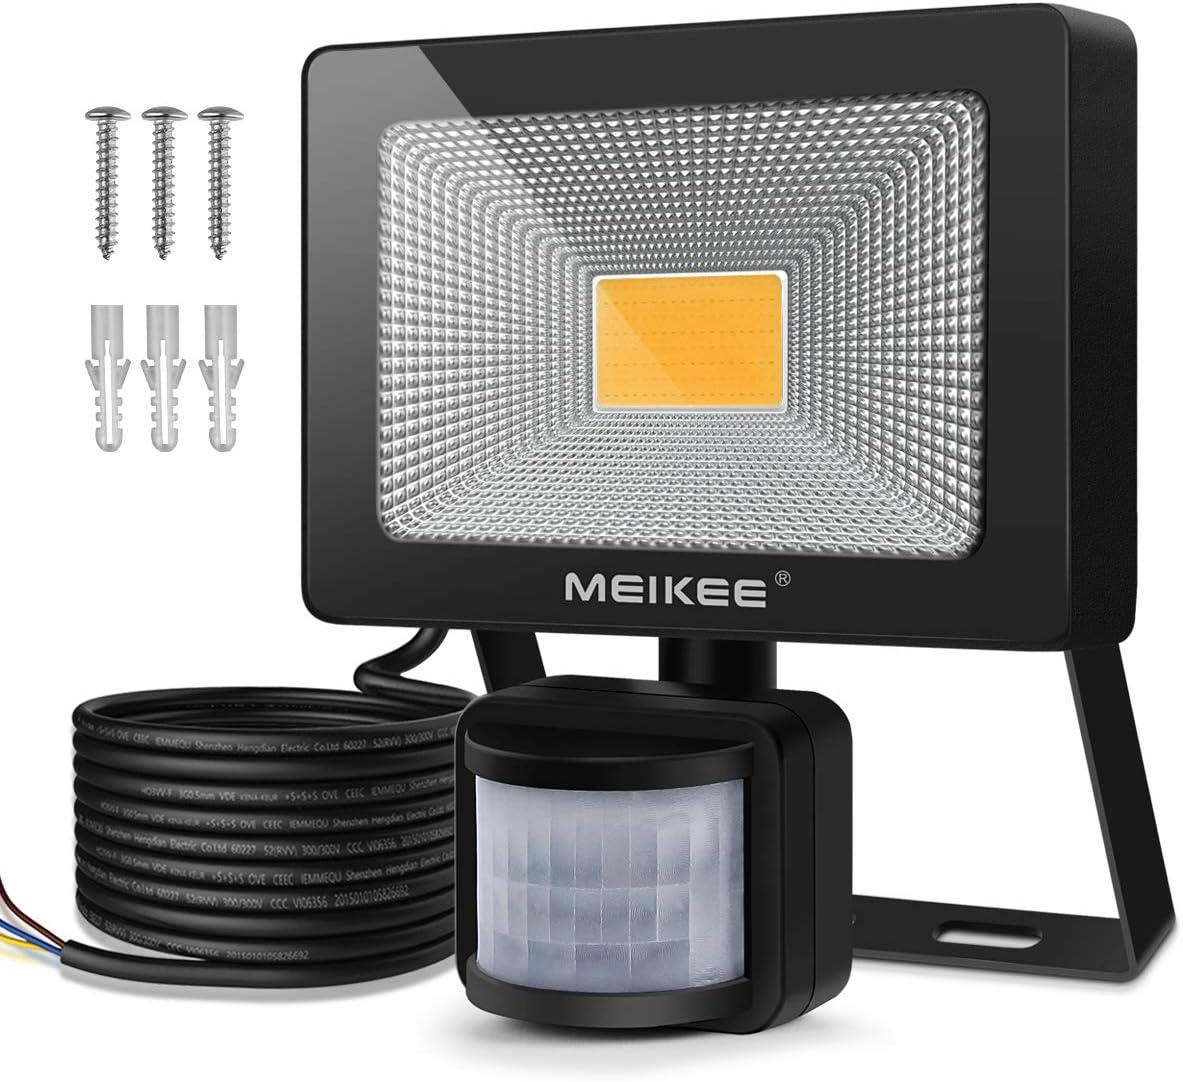 MEIKEE 20W Foco LED con Sensor Movimiento de 1800LM, Proyector LED exterior de 3000k con detector PIR de IP66 Impermeable, Iluminación de Exterior y Seguridad para patio